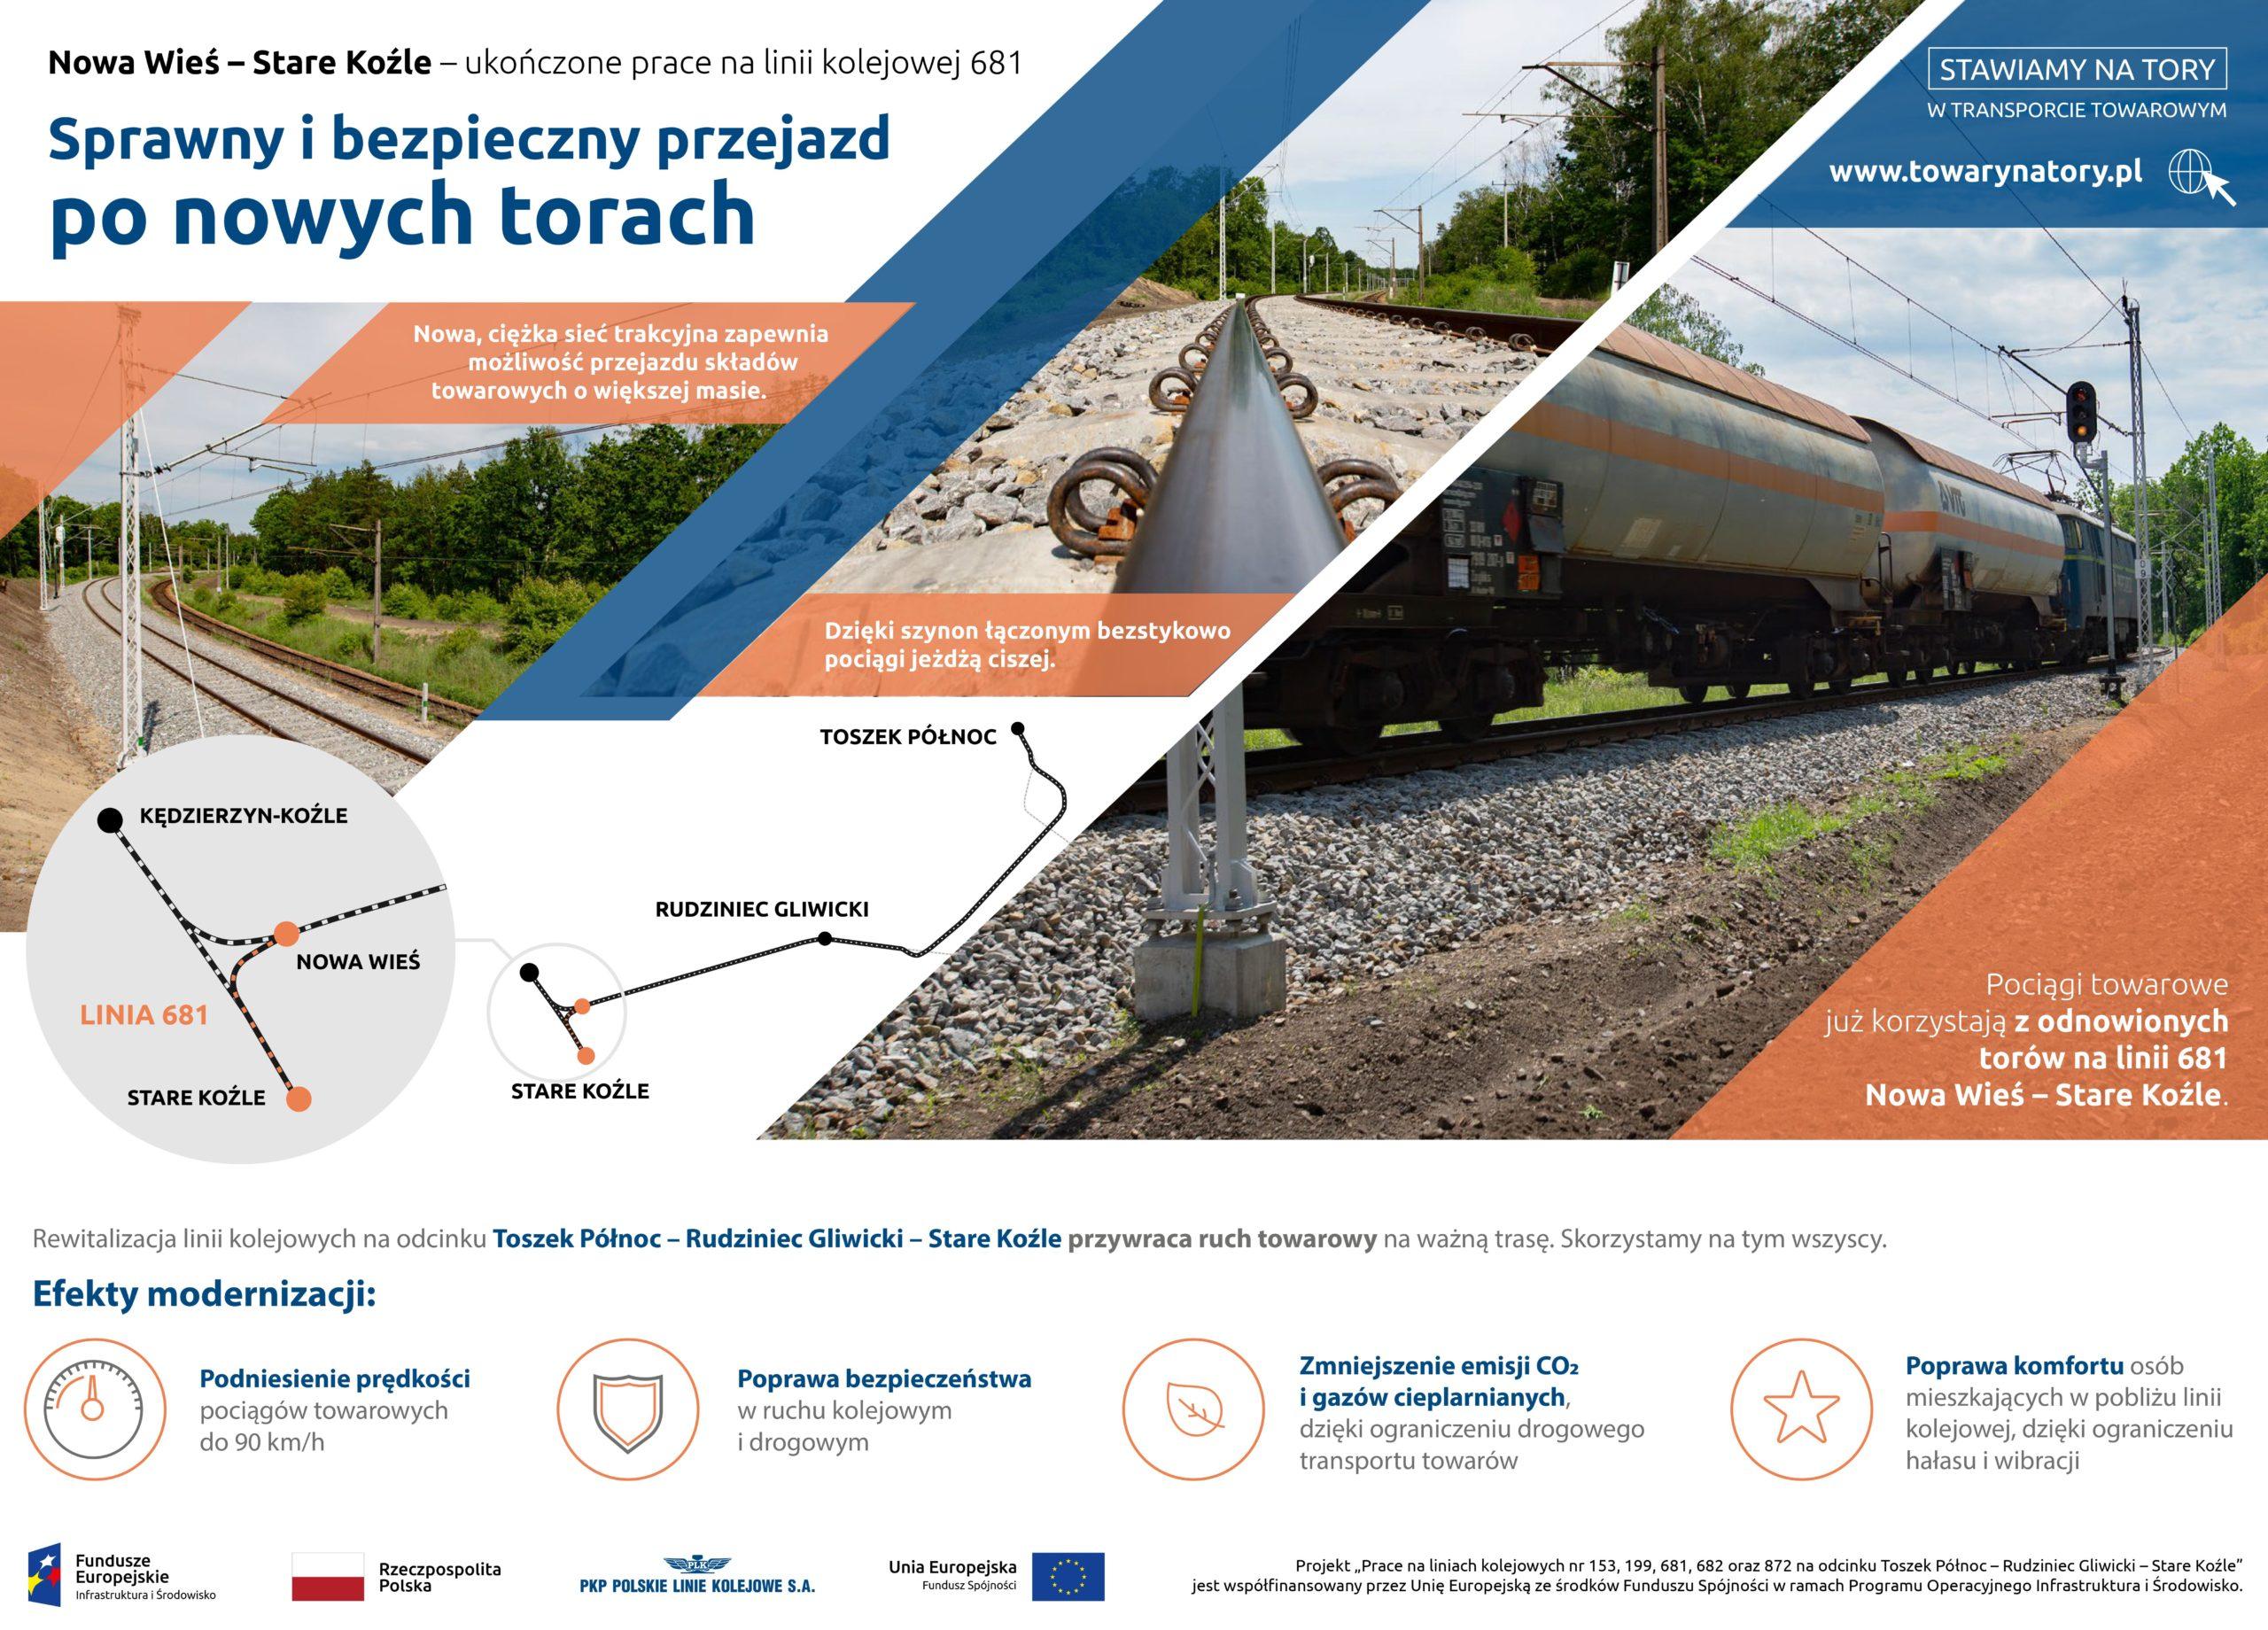 Infografika informuje o ukończeniu prac na linii kolejowej 681 od Nowej Wsi do Starego Koźla.